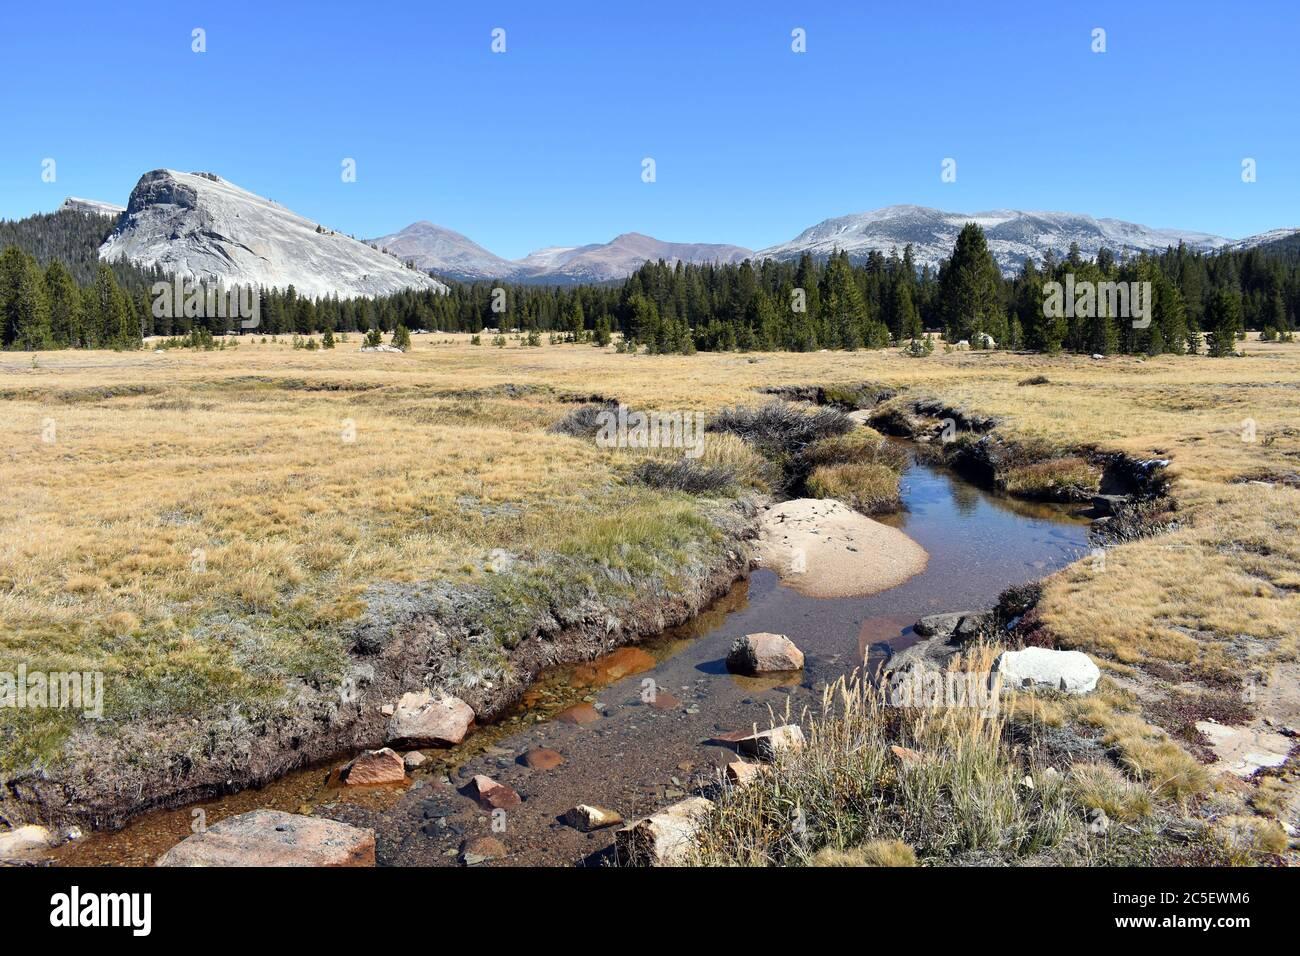 Vue sur Tuolumne Meadows en automne / automne avec Lembert Dome et la rivière Tuolumne entourée d'herbe jaune. Parc national de Yosemite, Californie. Banque D'Images